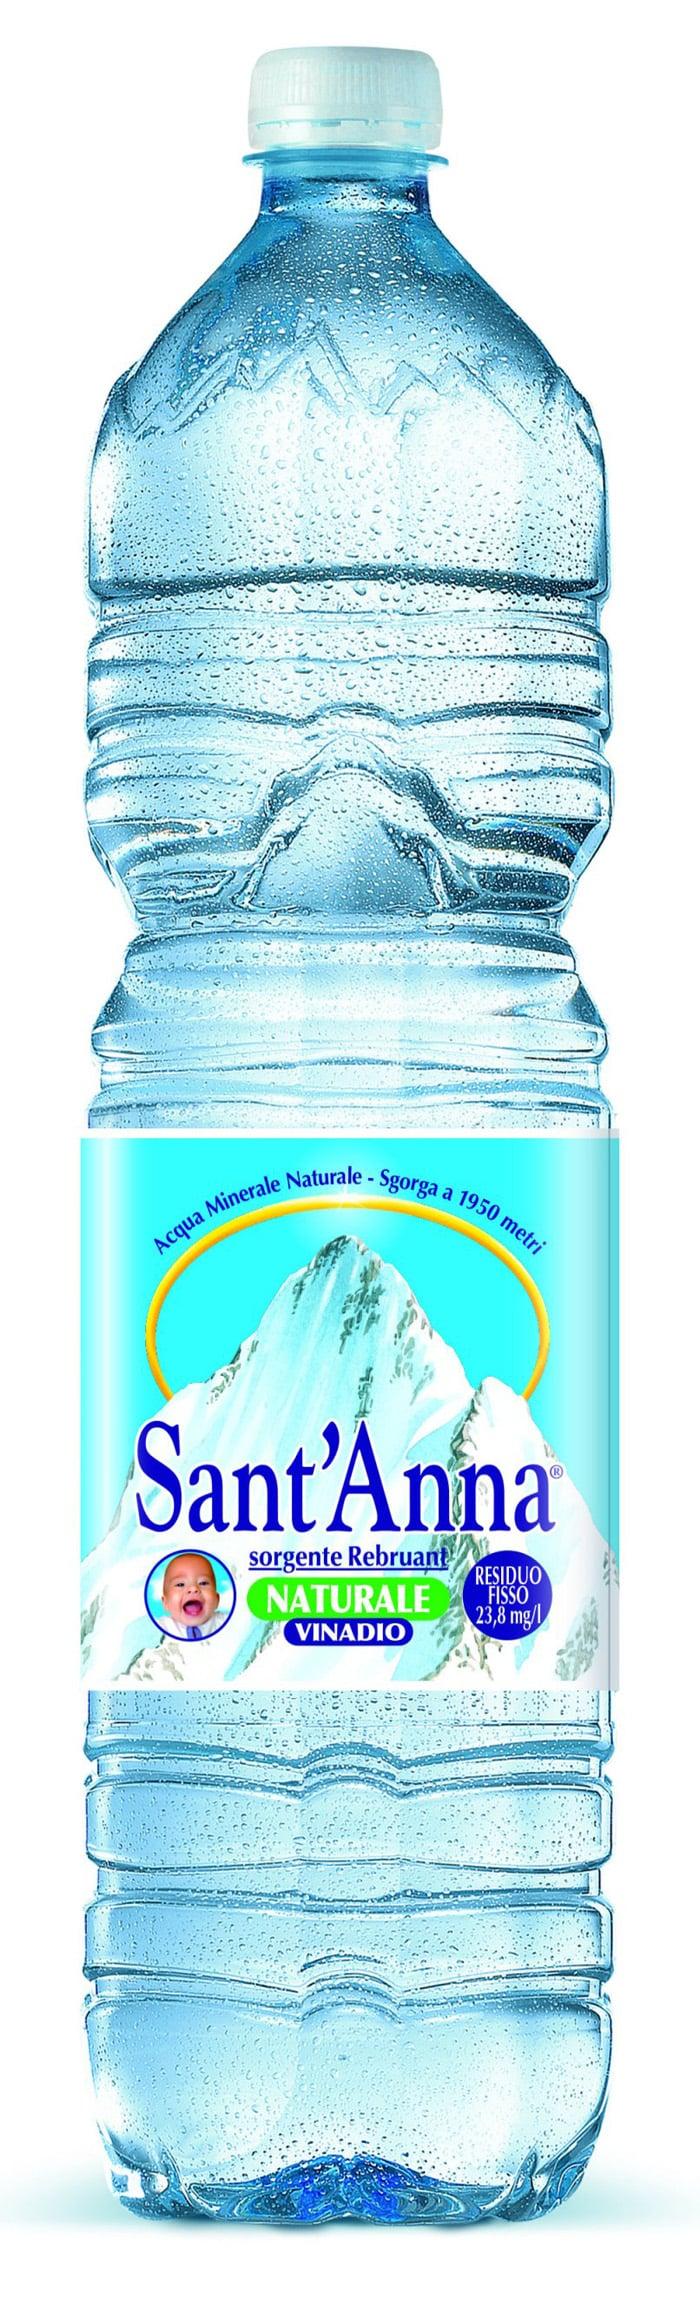 L'acqua Sant'Anna alla conquista della Cina